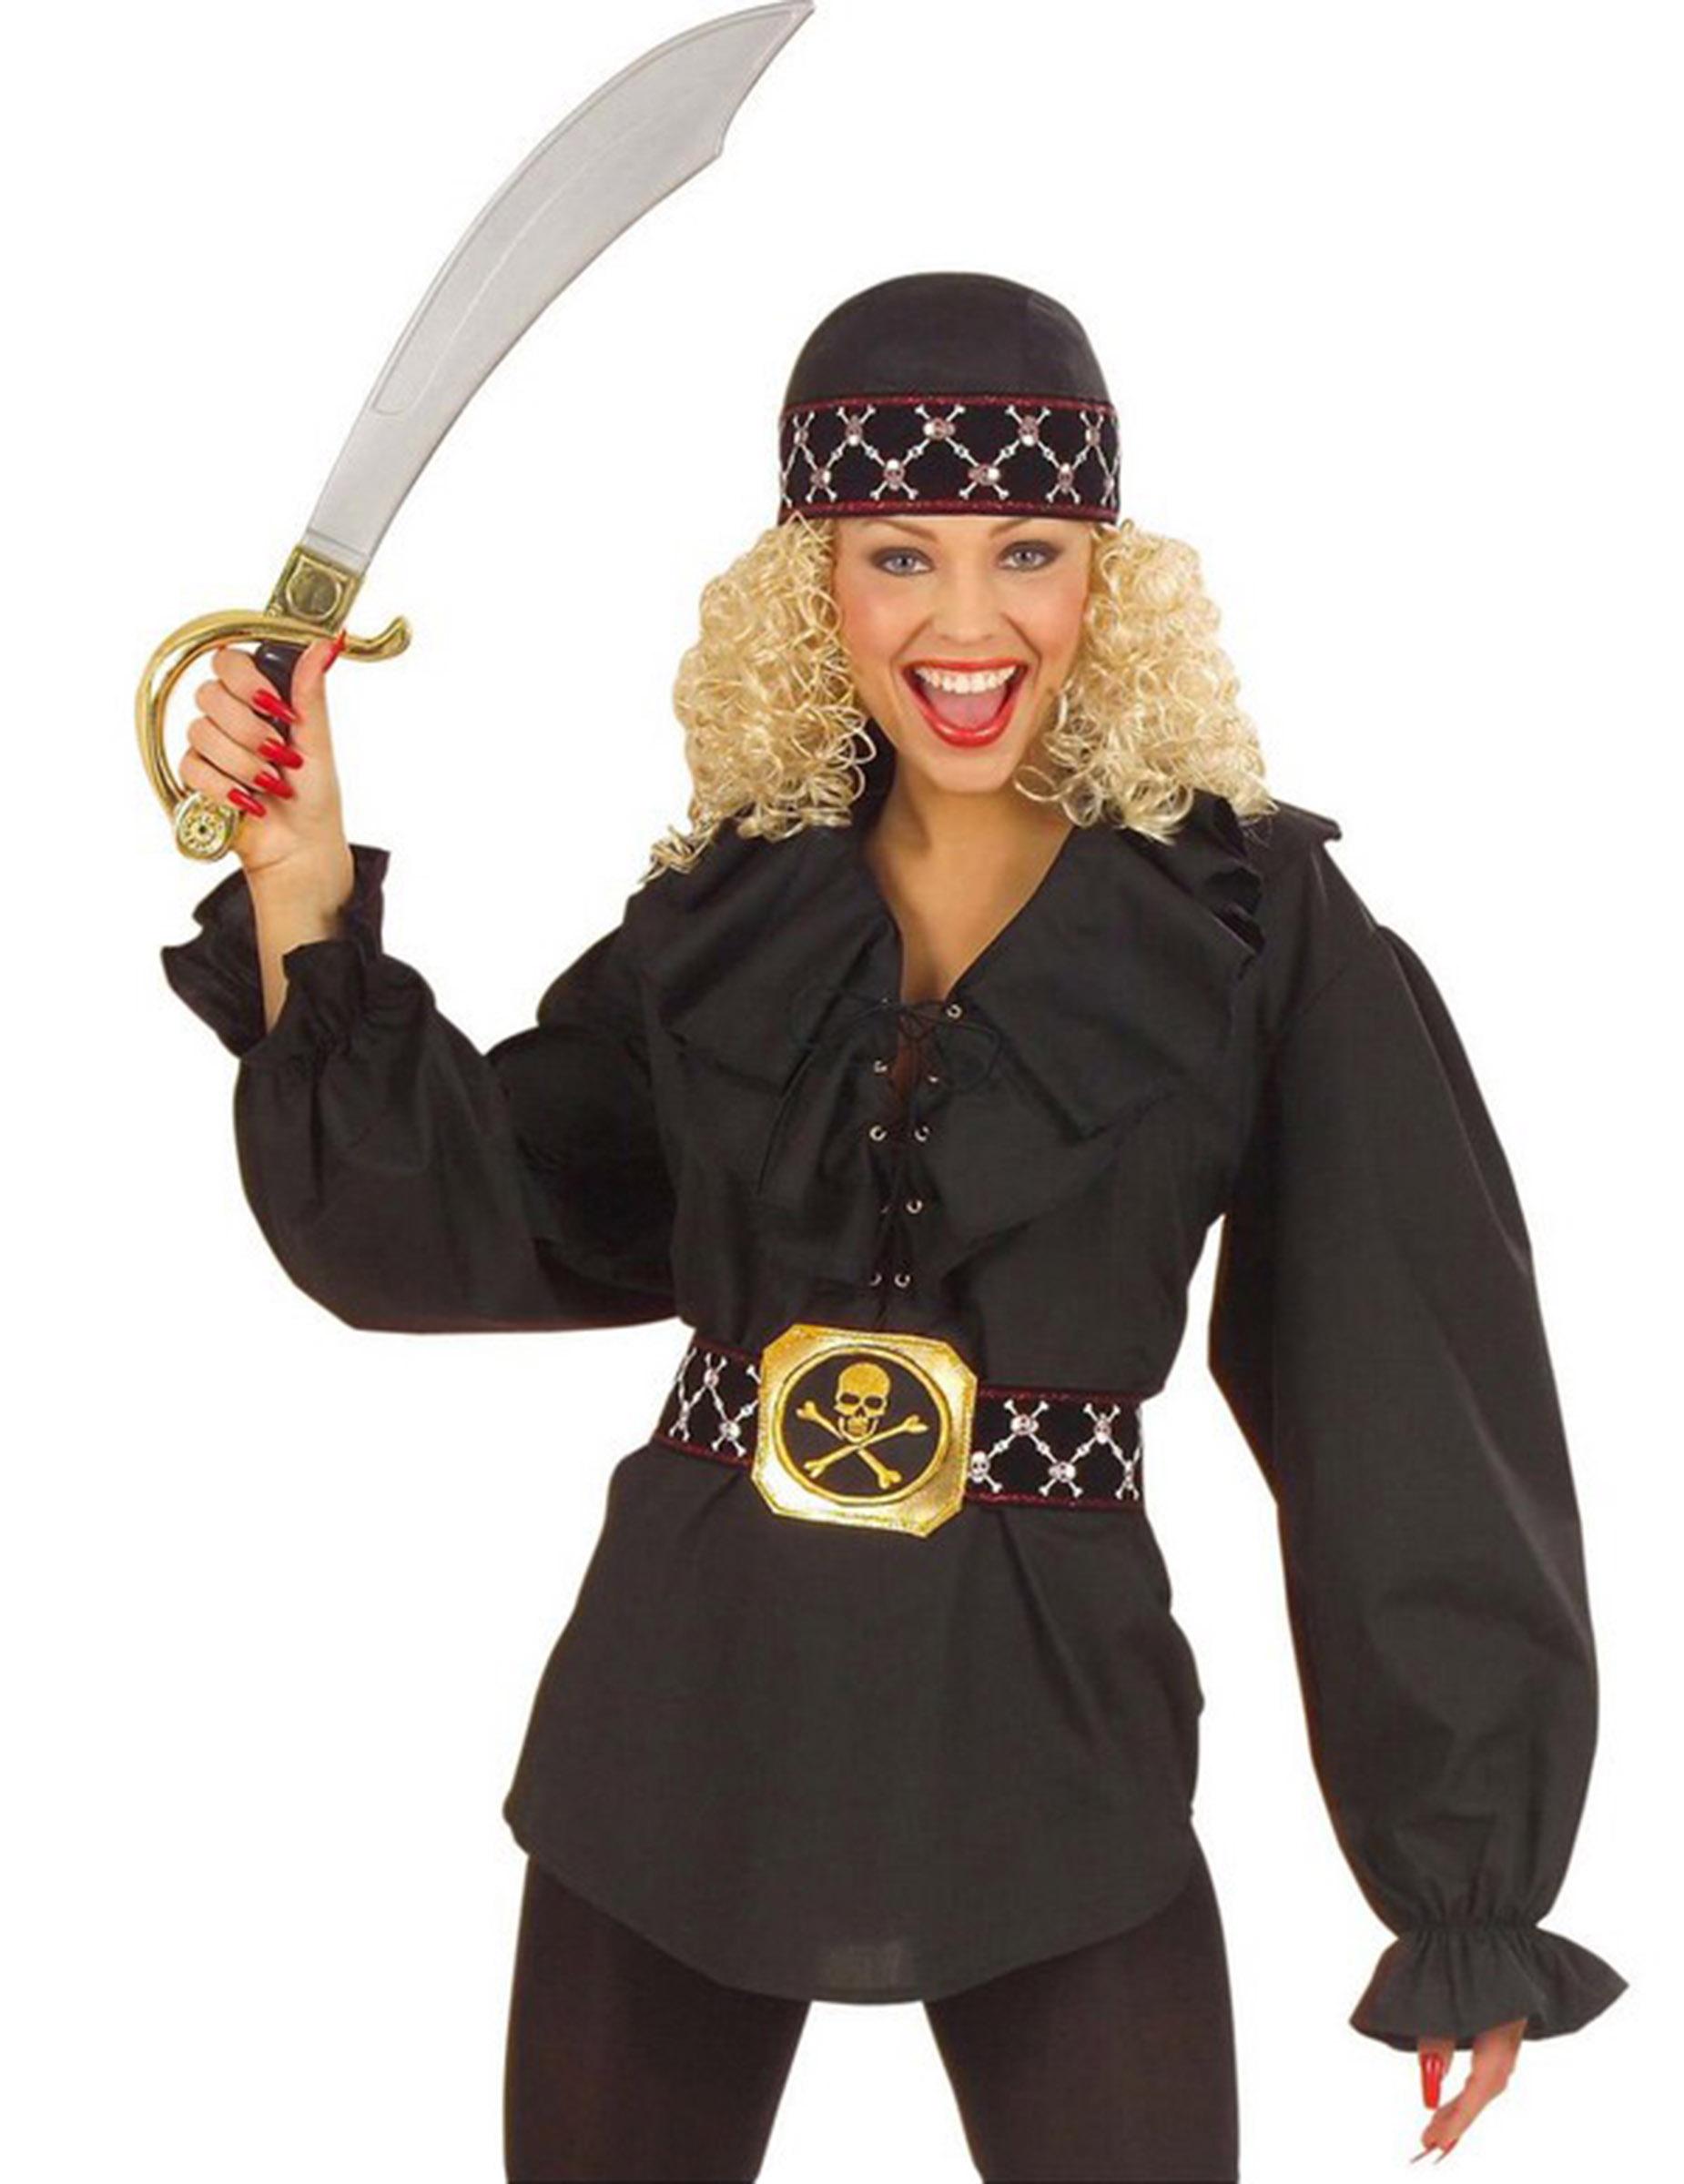 Goedkope VrouwenVolwassenen Piraten Voor Kostuums en Overhemd c4jLAq35R